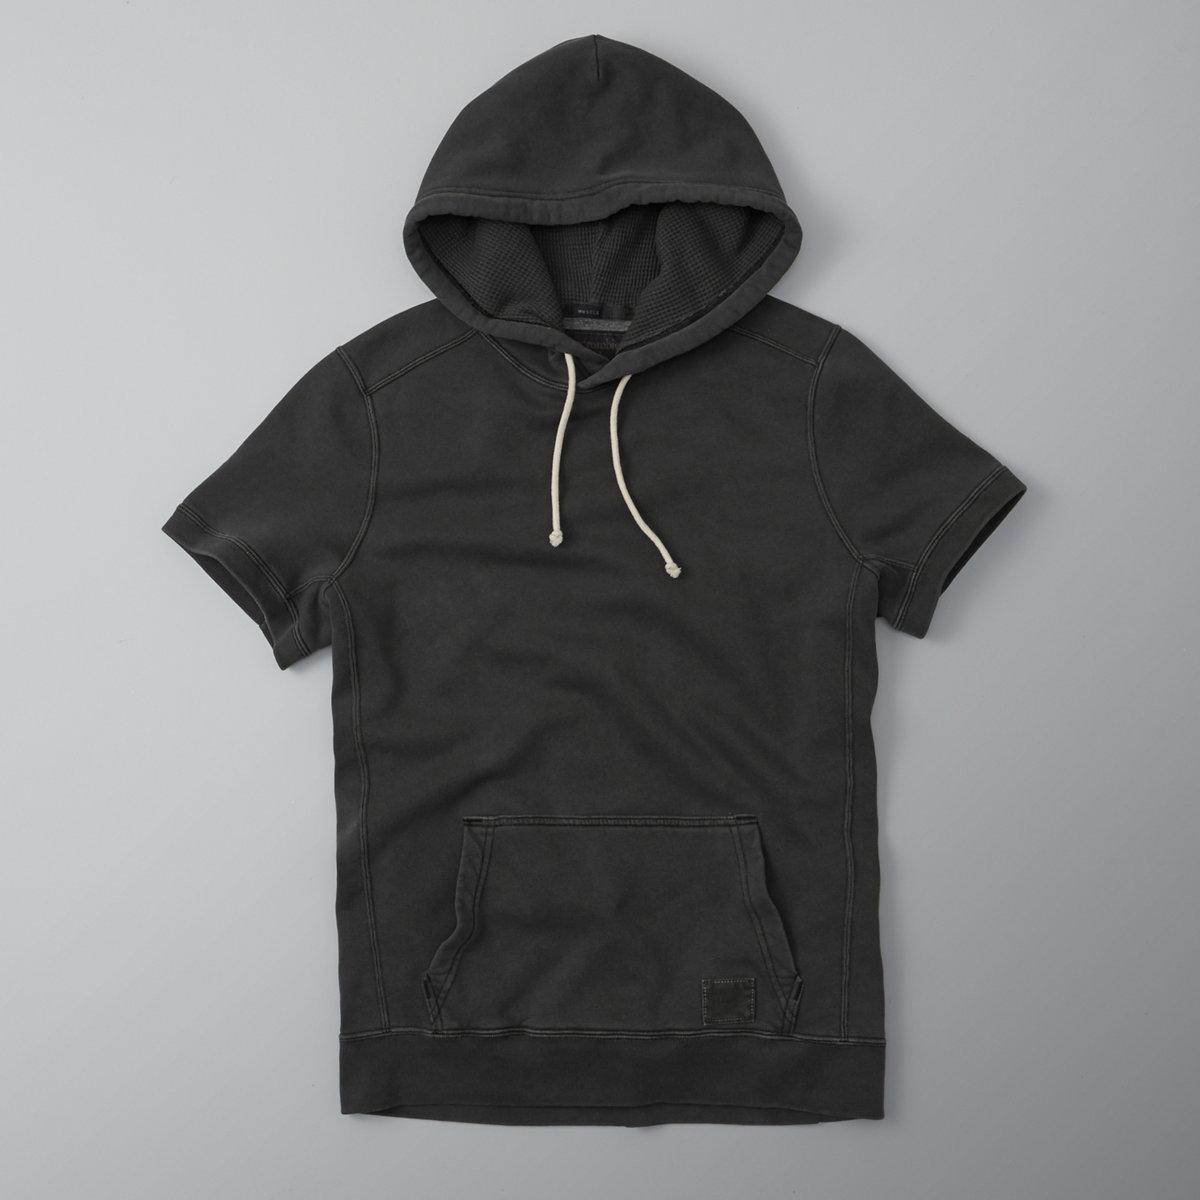 Short Sleeve Garment Dye Hoodie